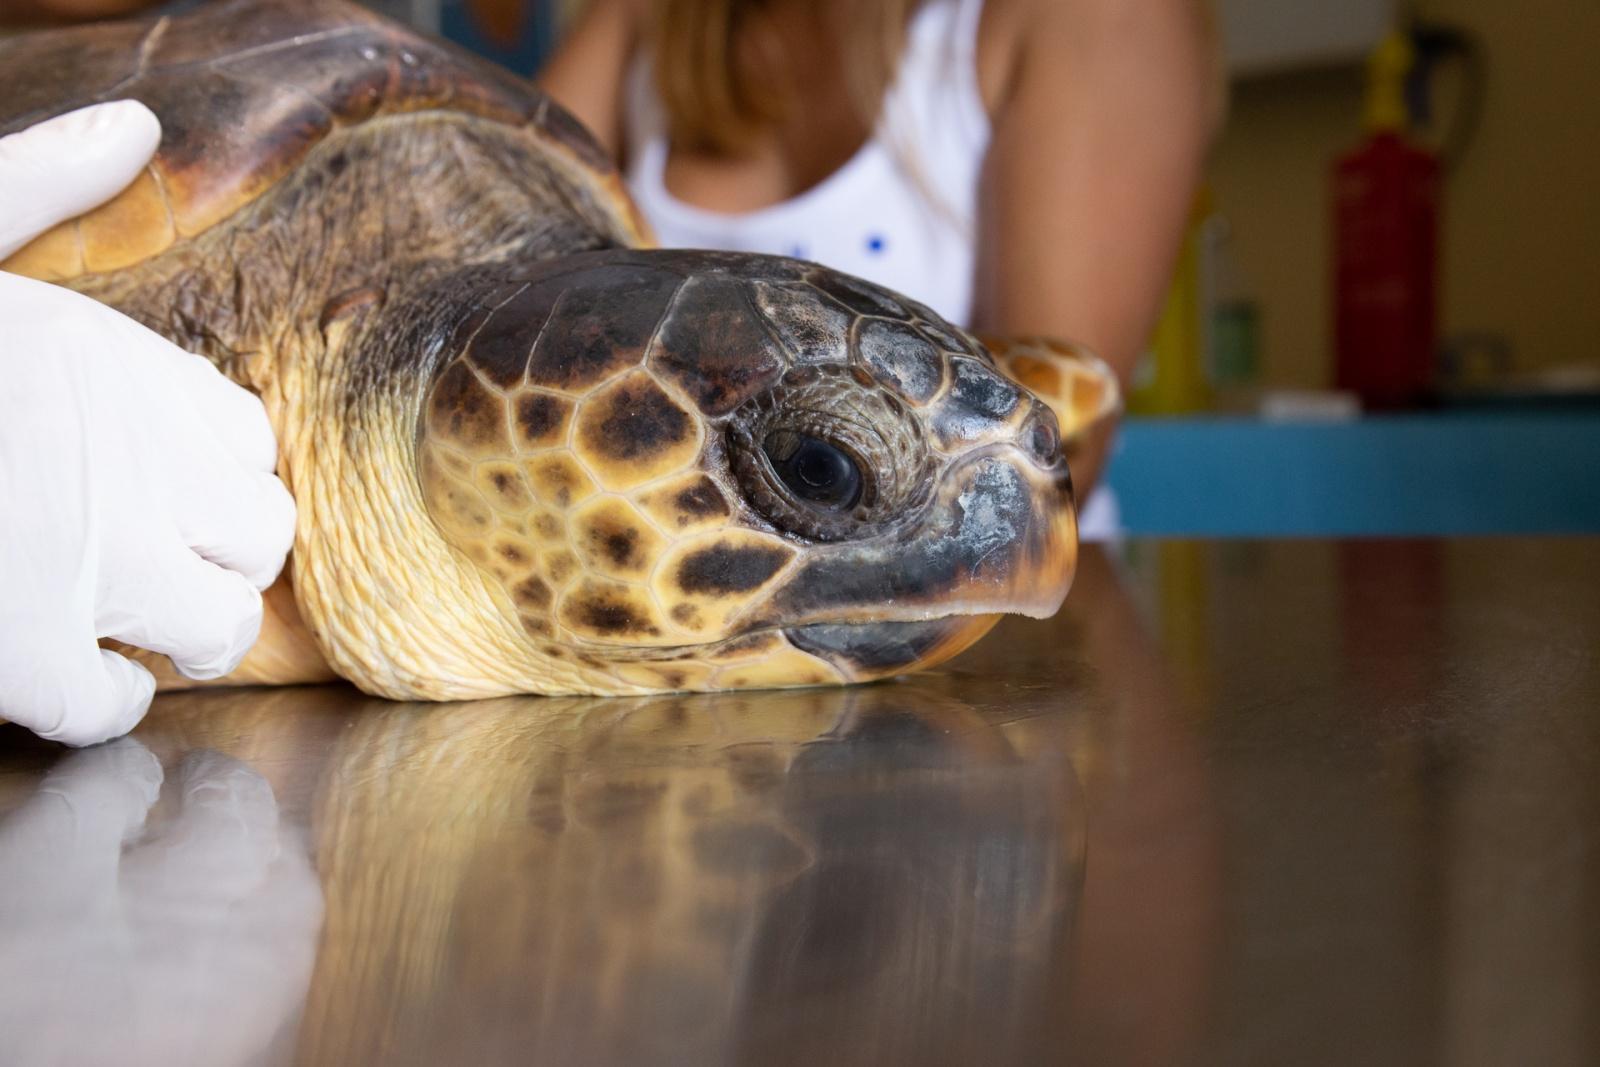 Tartaruga Caretta Caretta sul lettino della sala operatoria presso il Centro Recupero Animali Marini Asinara (CRAMA). Dal 2013 la Caretta Caretta è nella lista dell'IUCN (Unione Mondiale per la Conservazione della Natura) come specie in pericolo di estinzione. © Andrea Puxeddu.